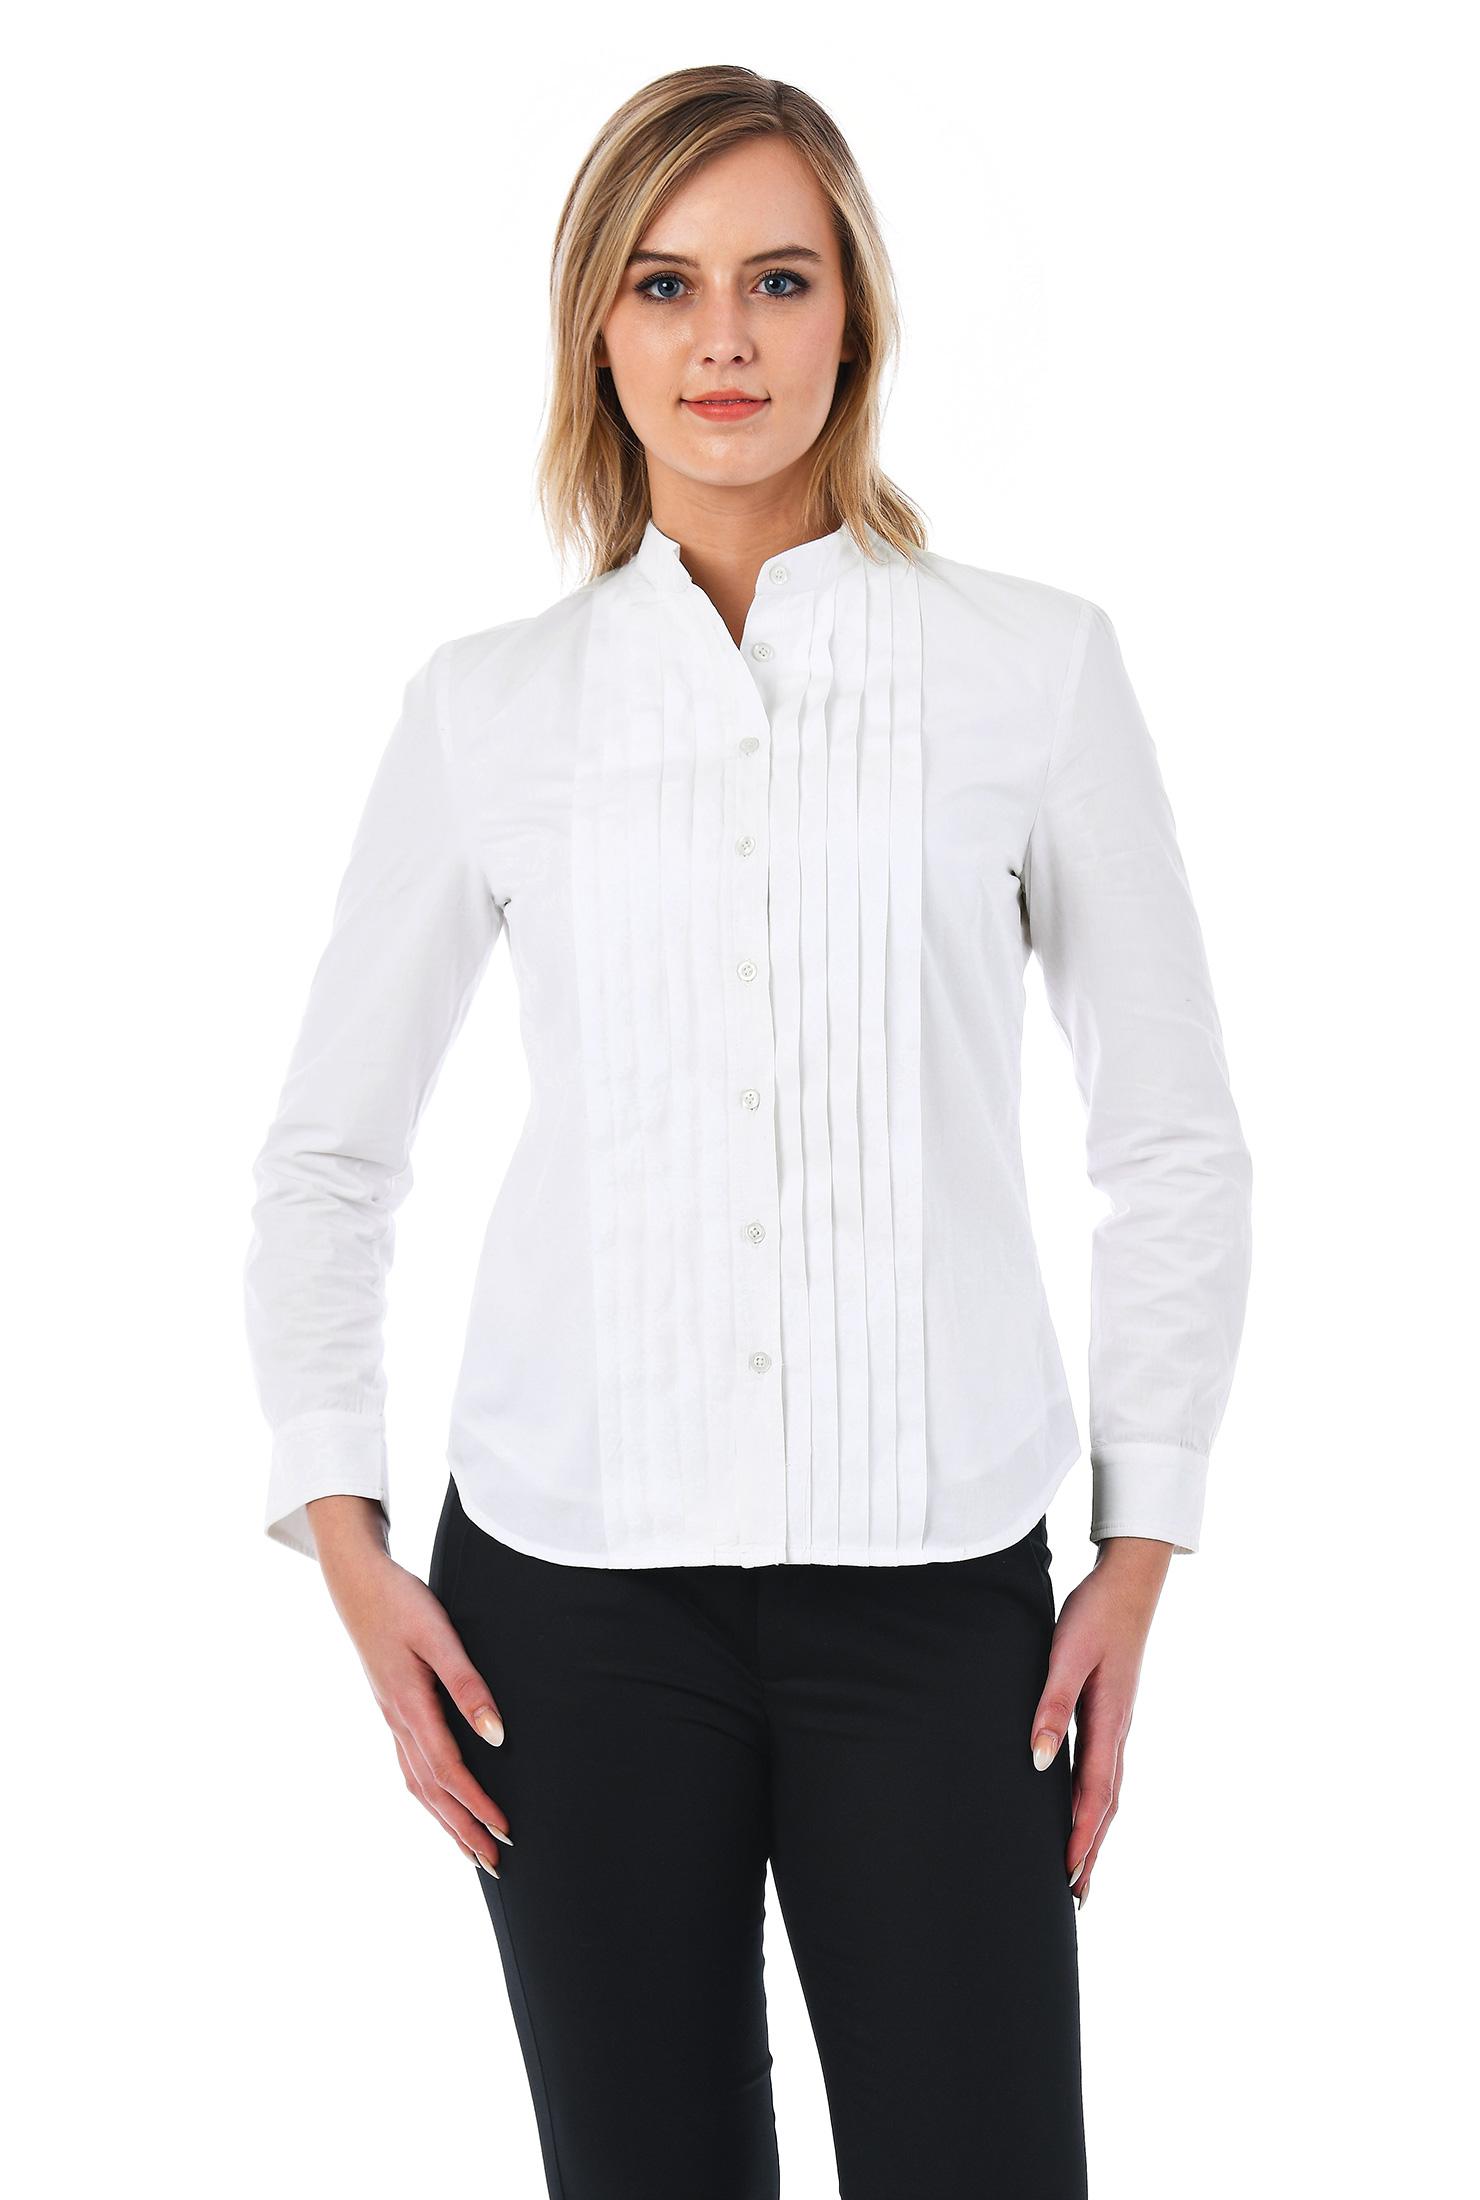 eShakti Women's Pleat front cotton poplin slim fit button-up shirt CL0049862